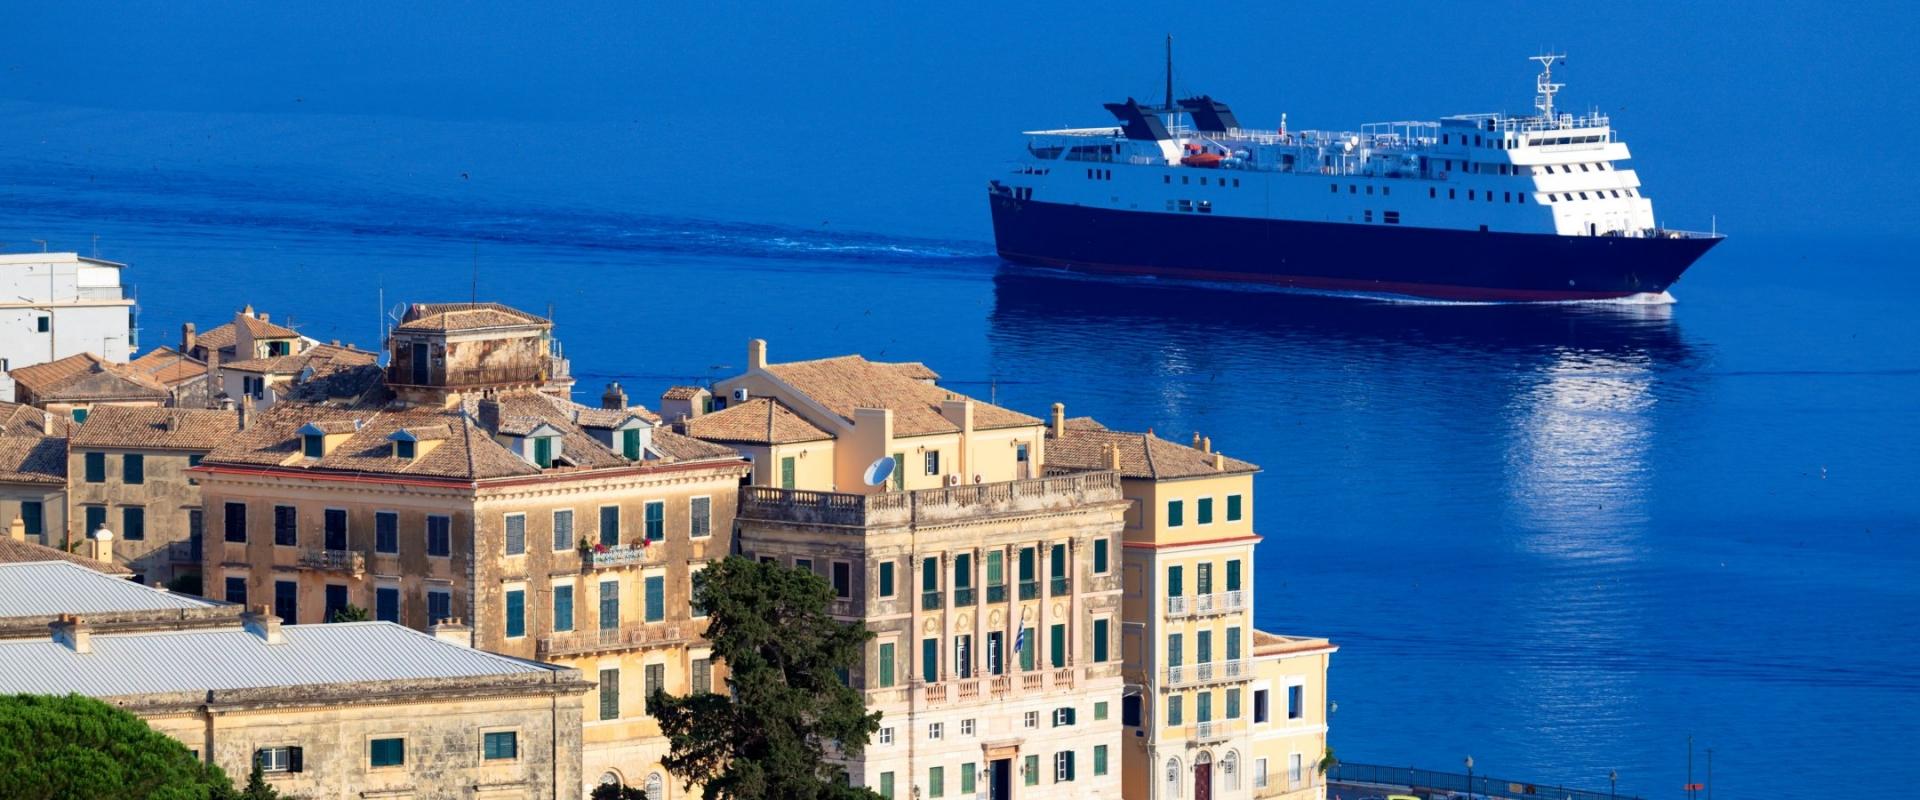 Enormous cargo ship near Corfu city, Greece